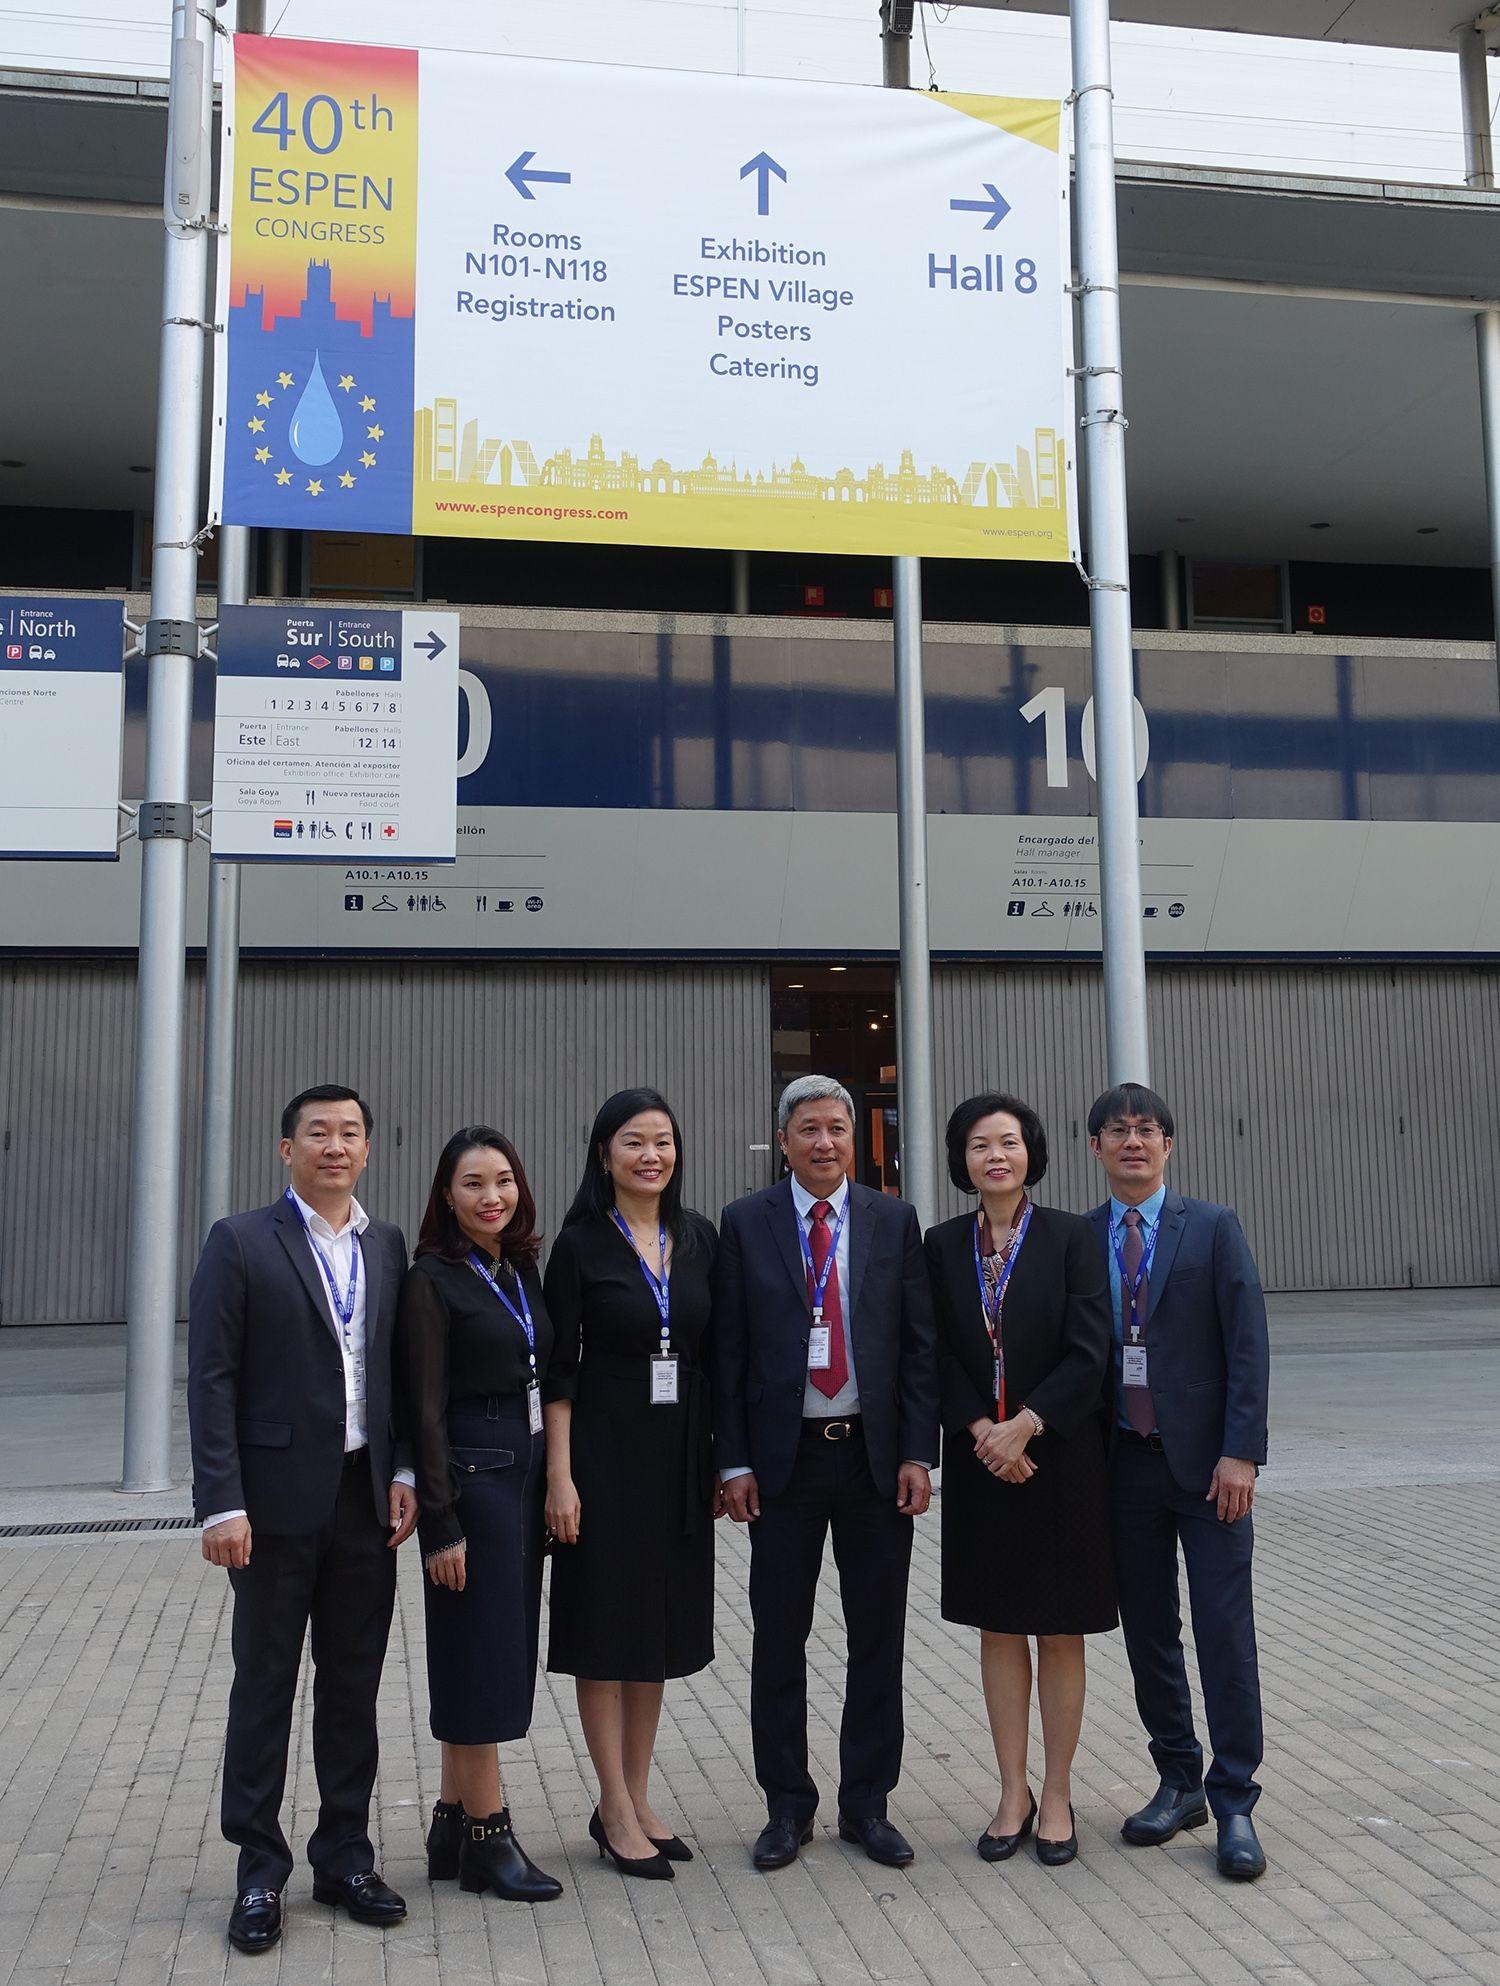 Đại diện lãnh đạo Bệnh viện Chợ Rẫy và Vinamilk tham dự Hội nghị dinh dưỡng lâm sàng quốc tế ESPEN 2018 tại thành phố Madrid, Tây Ban Nha